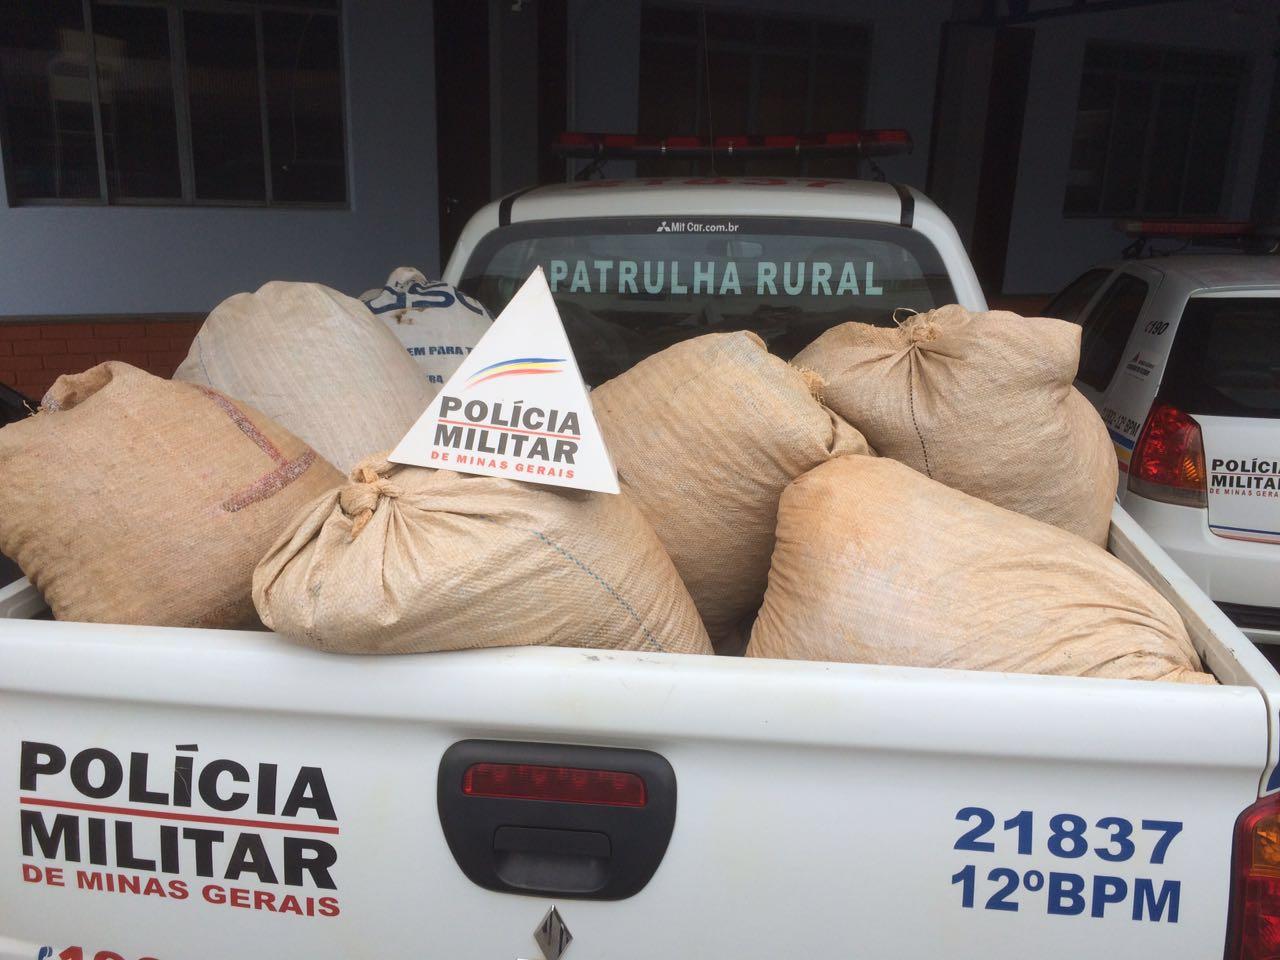 Sacas de café foram apreendidas e levadas à delegacia (Foto: Polícia Militar / Divulgação)